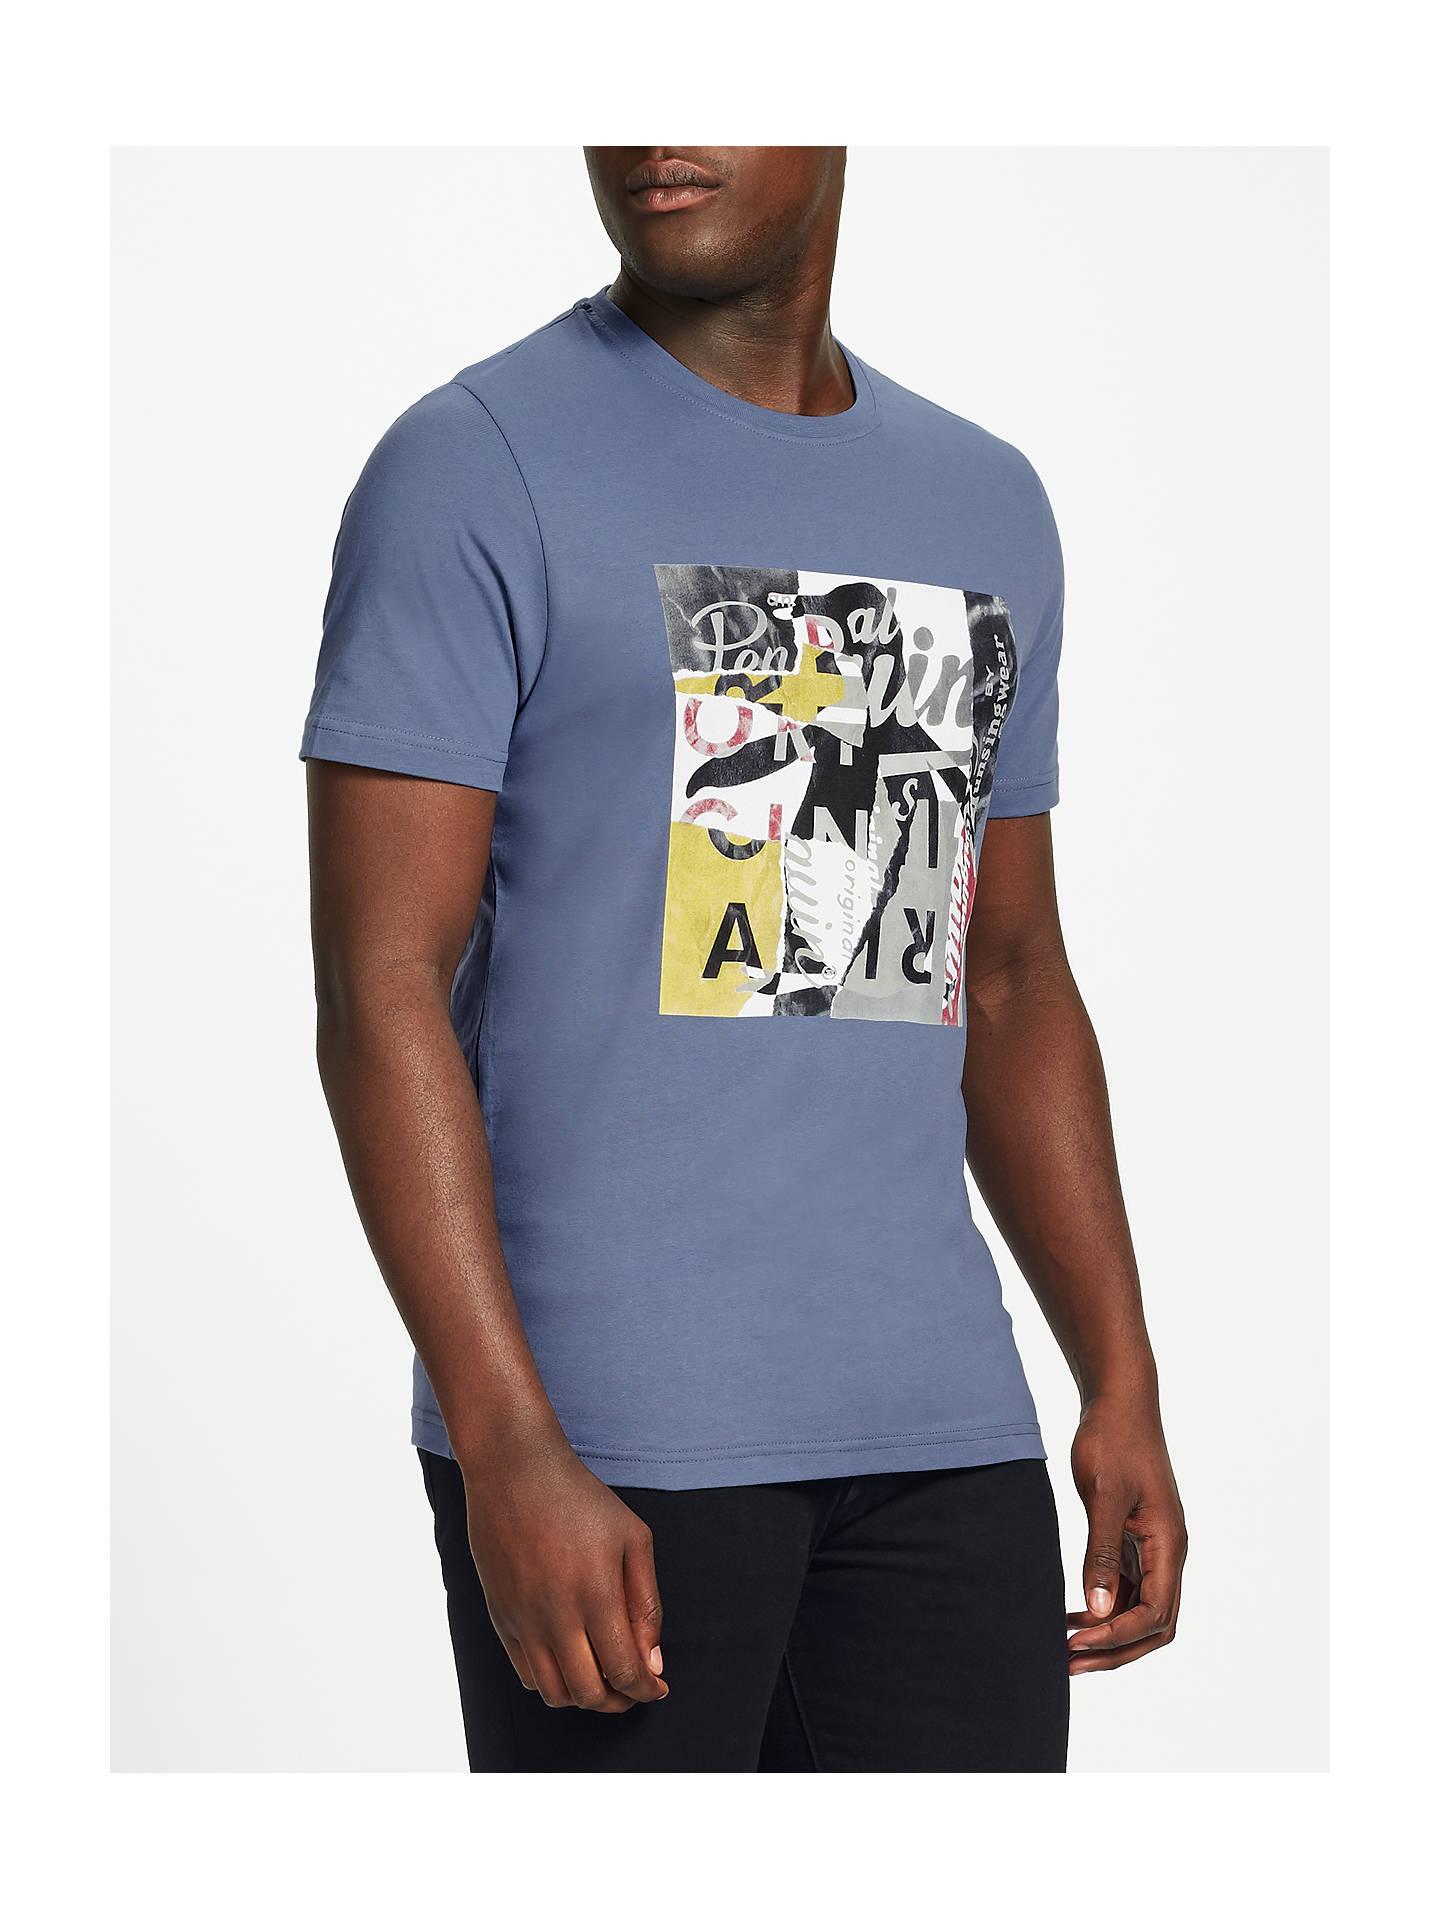 ccfee87d3278 Achat original penguin t shirt - 62% OFF! - www.joyet-traiteur.com